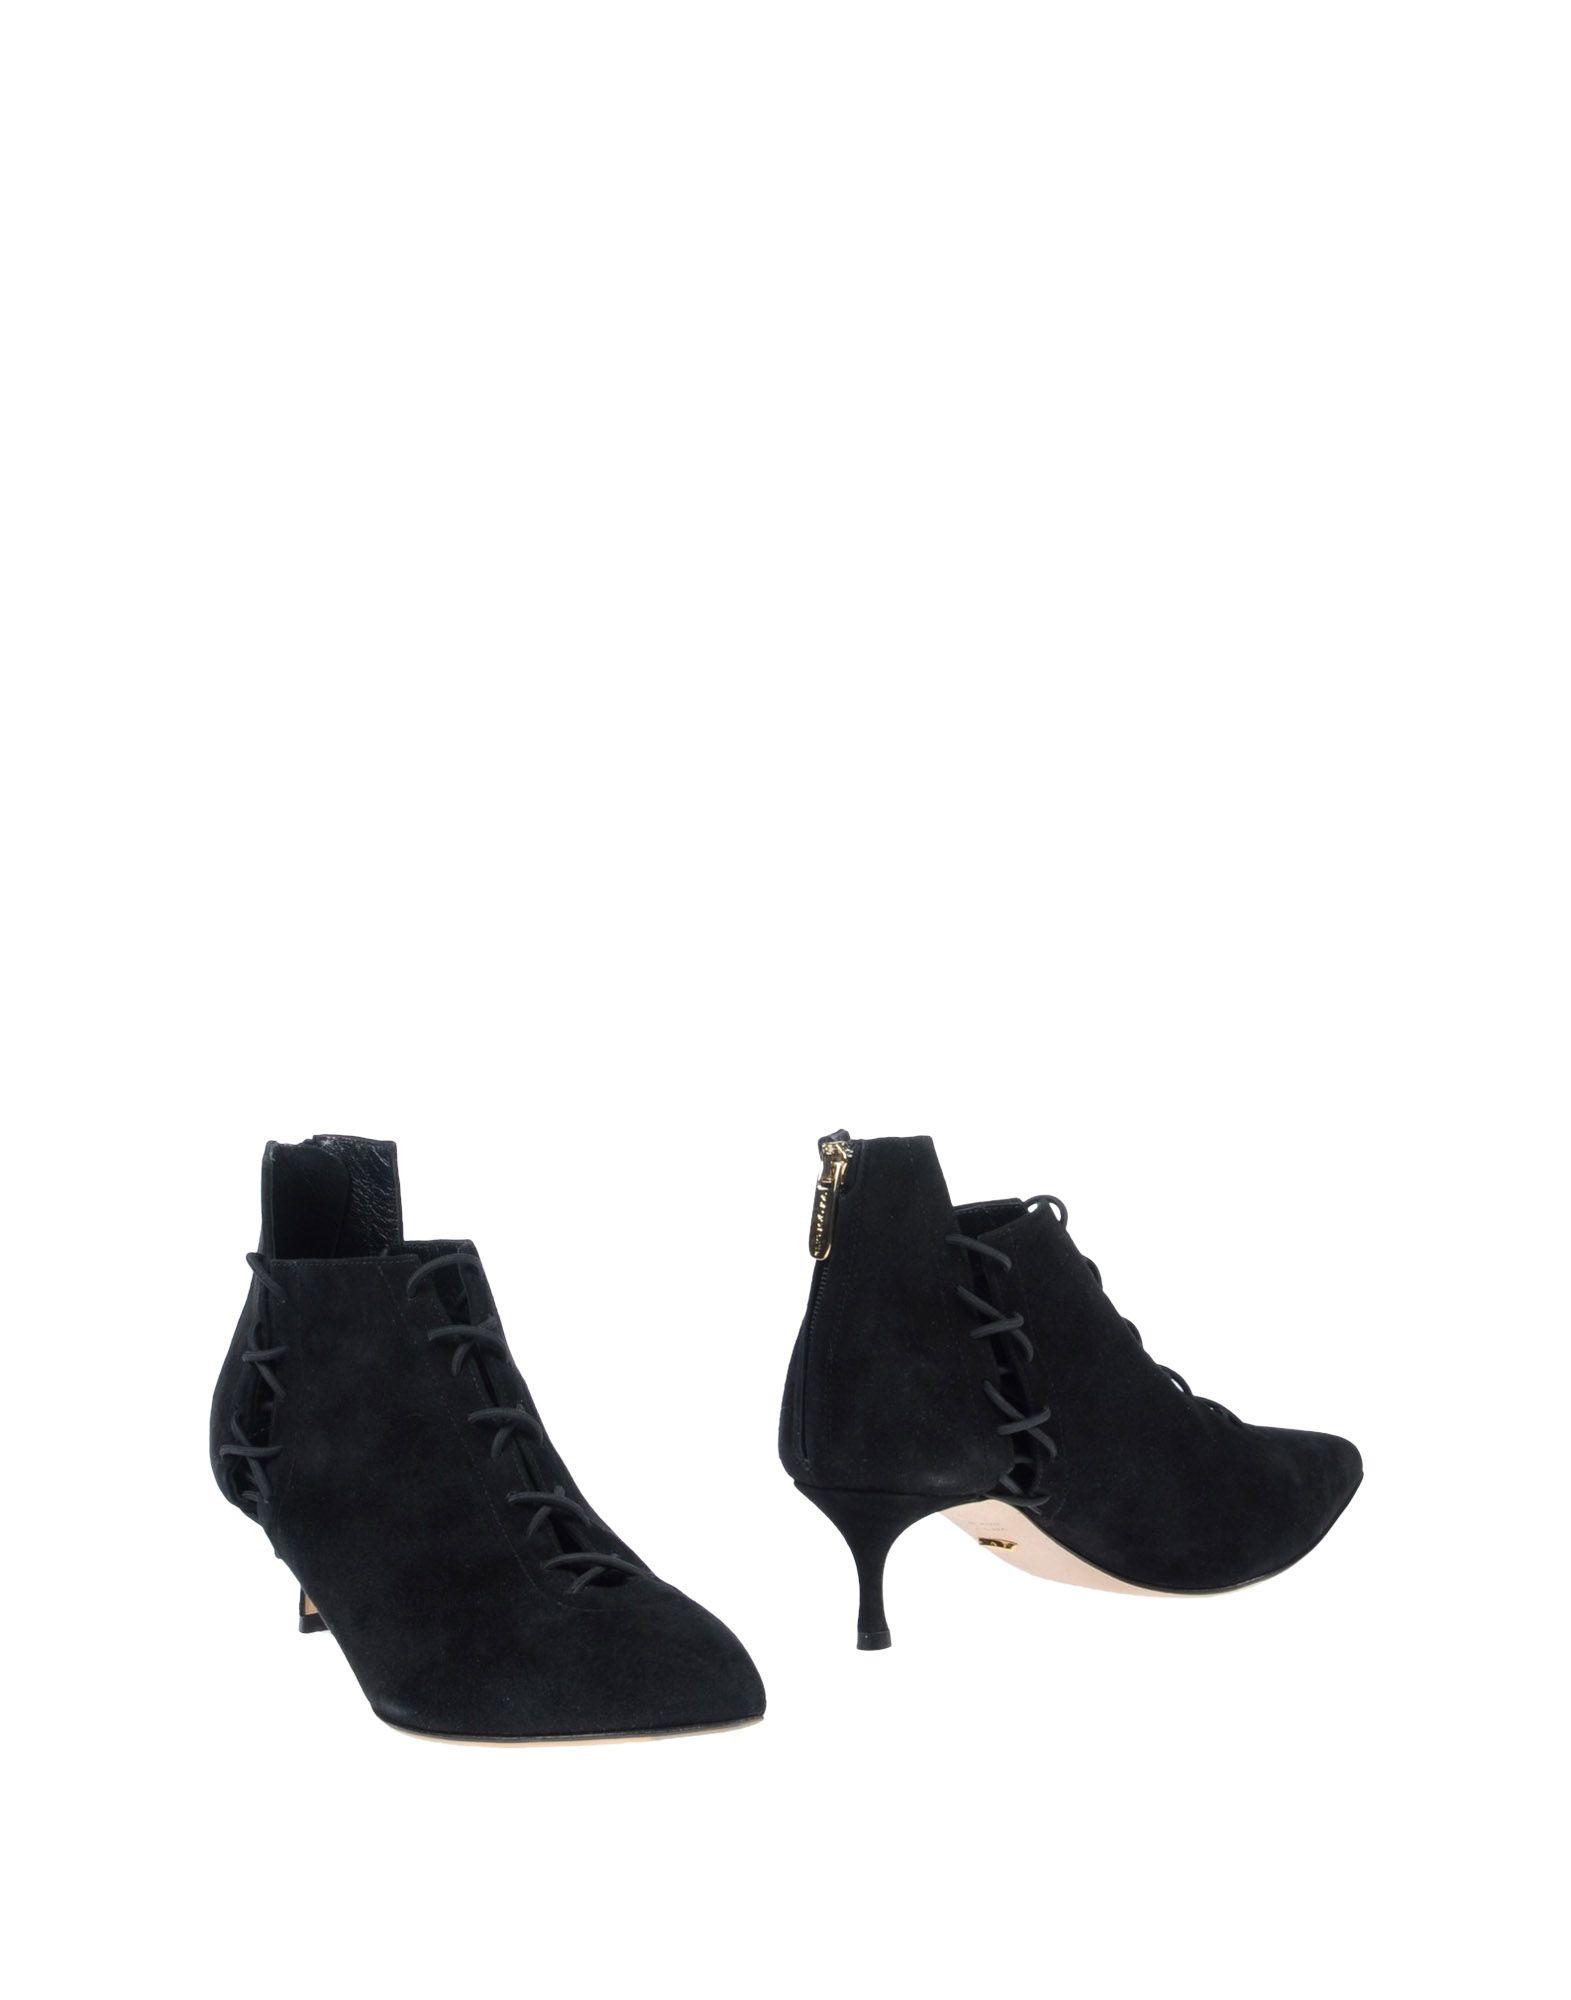 Sergio Rossi Stiefelette Damen  11412228KRGünstige gut aussehende Schuhe